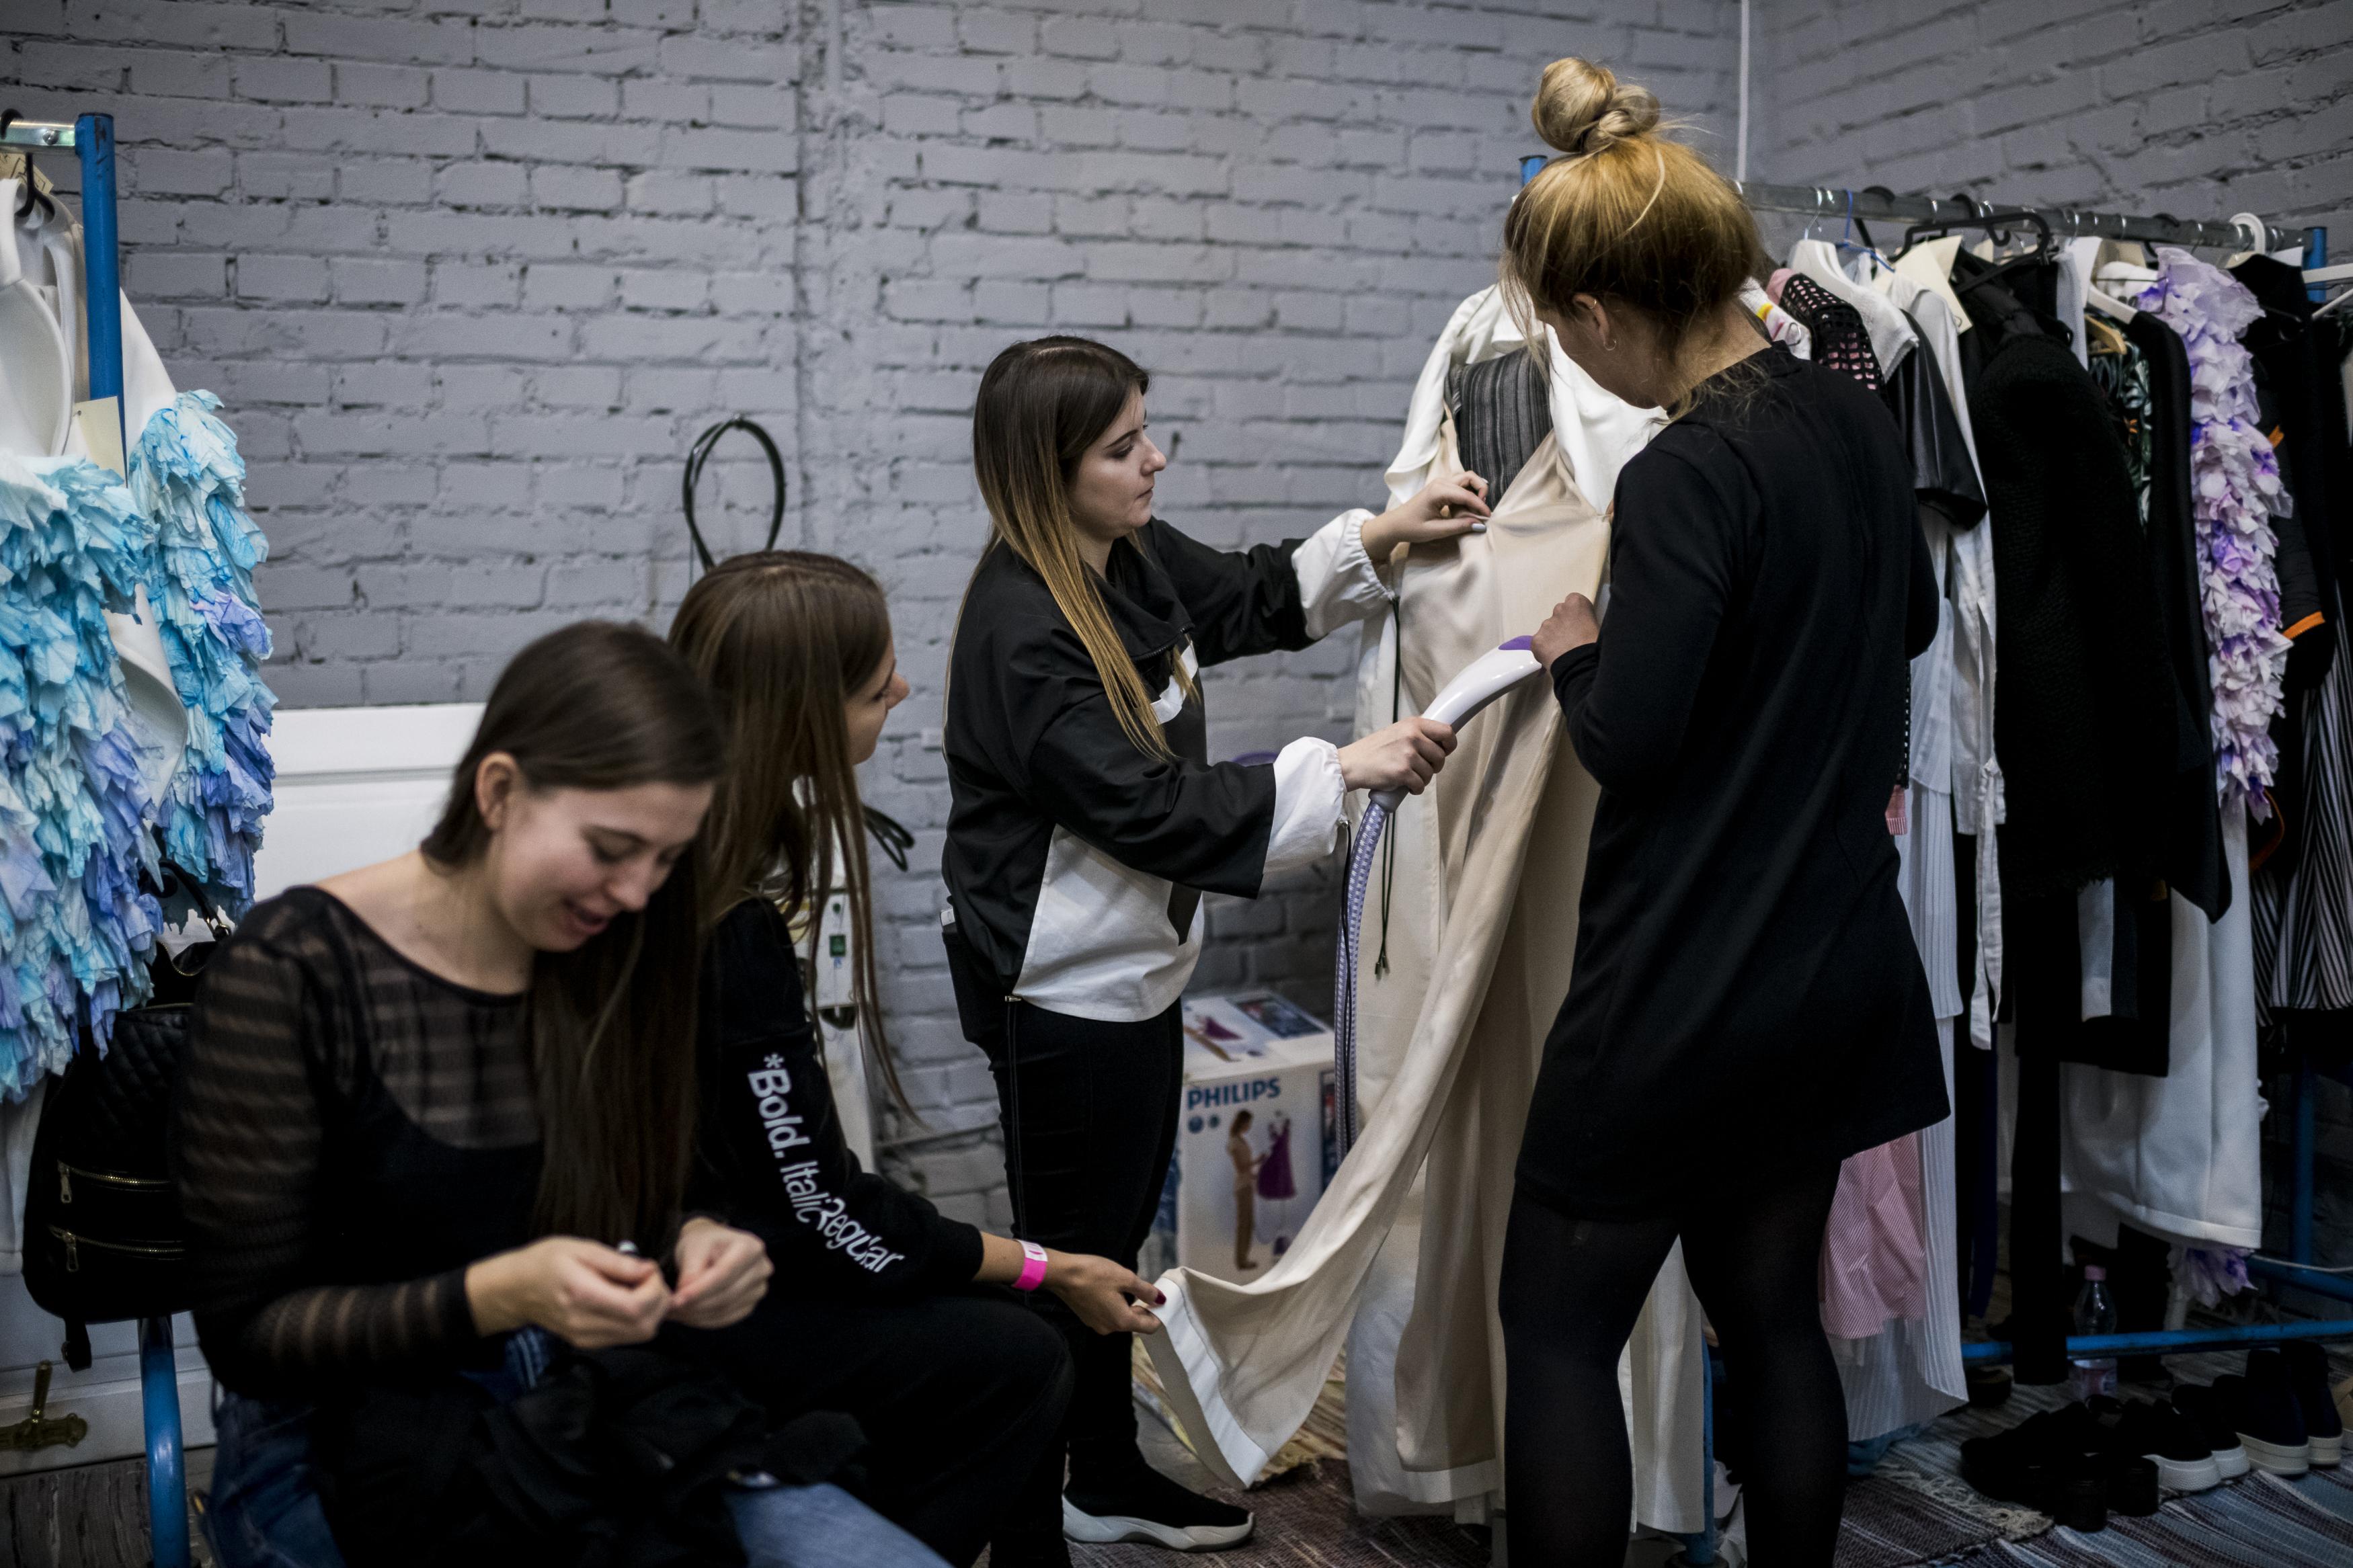 af7bc21291 Mészáros Lúcia Kézműves alapszakunk öltözék- és kiegészítő tervezés  specializációján végzett, jelenleg Divat- és textiltervezés mesterszakunk  hallgatója.